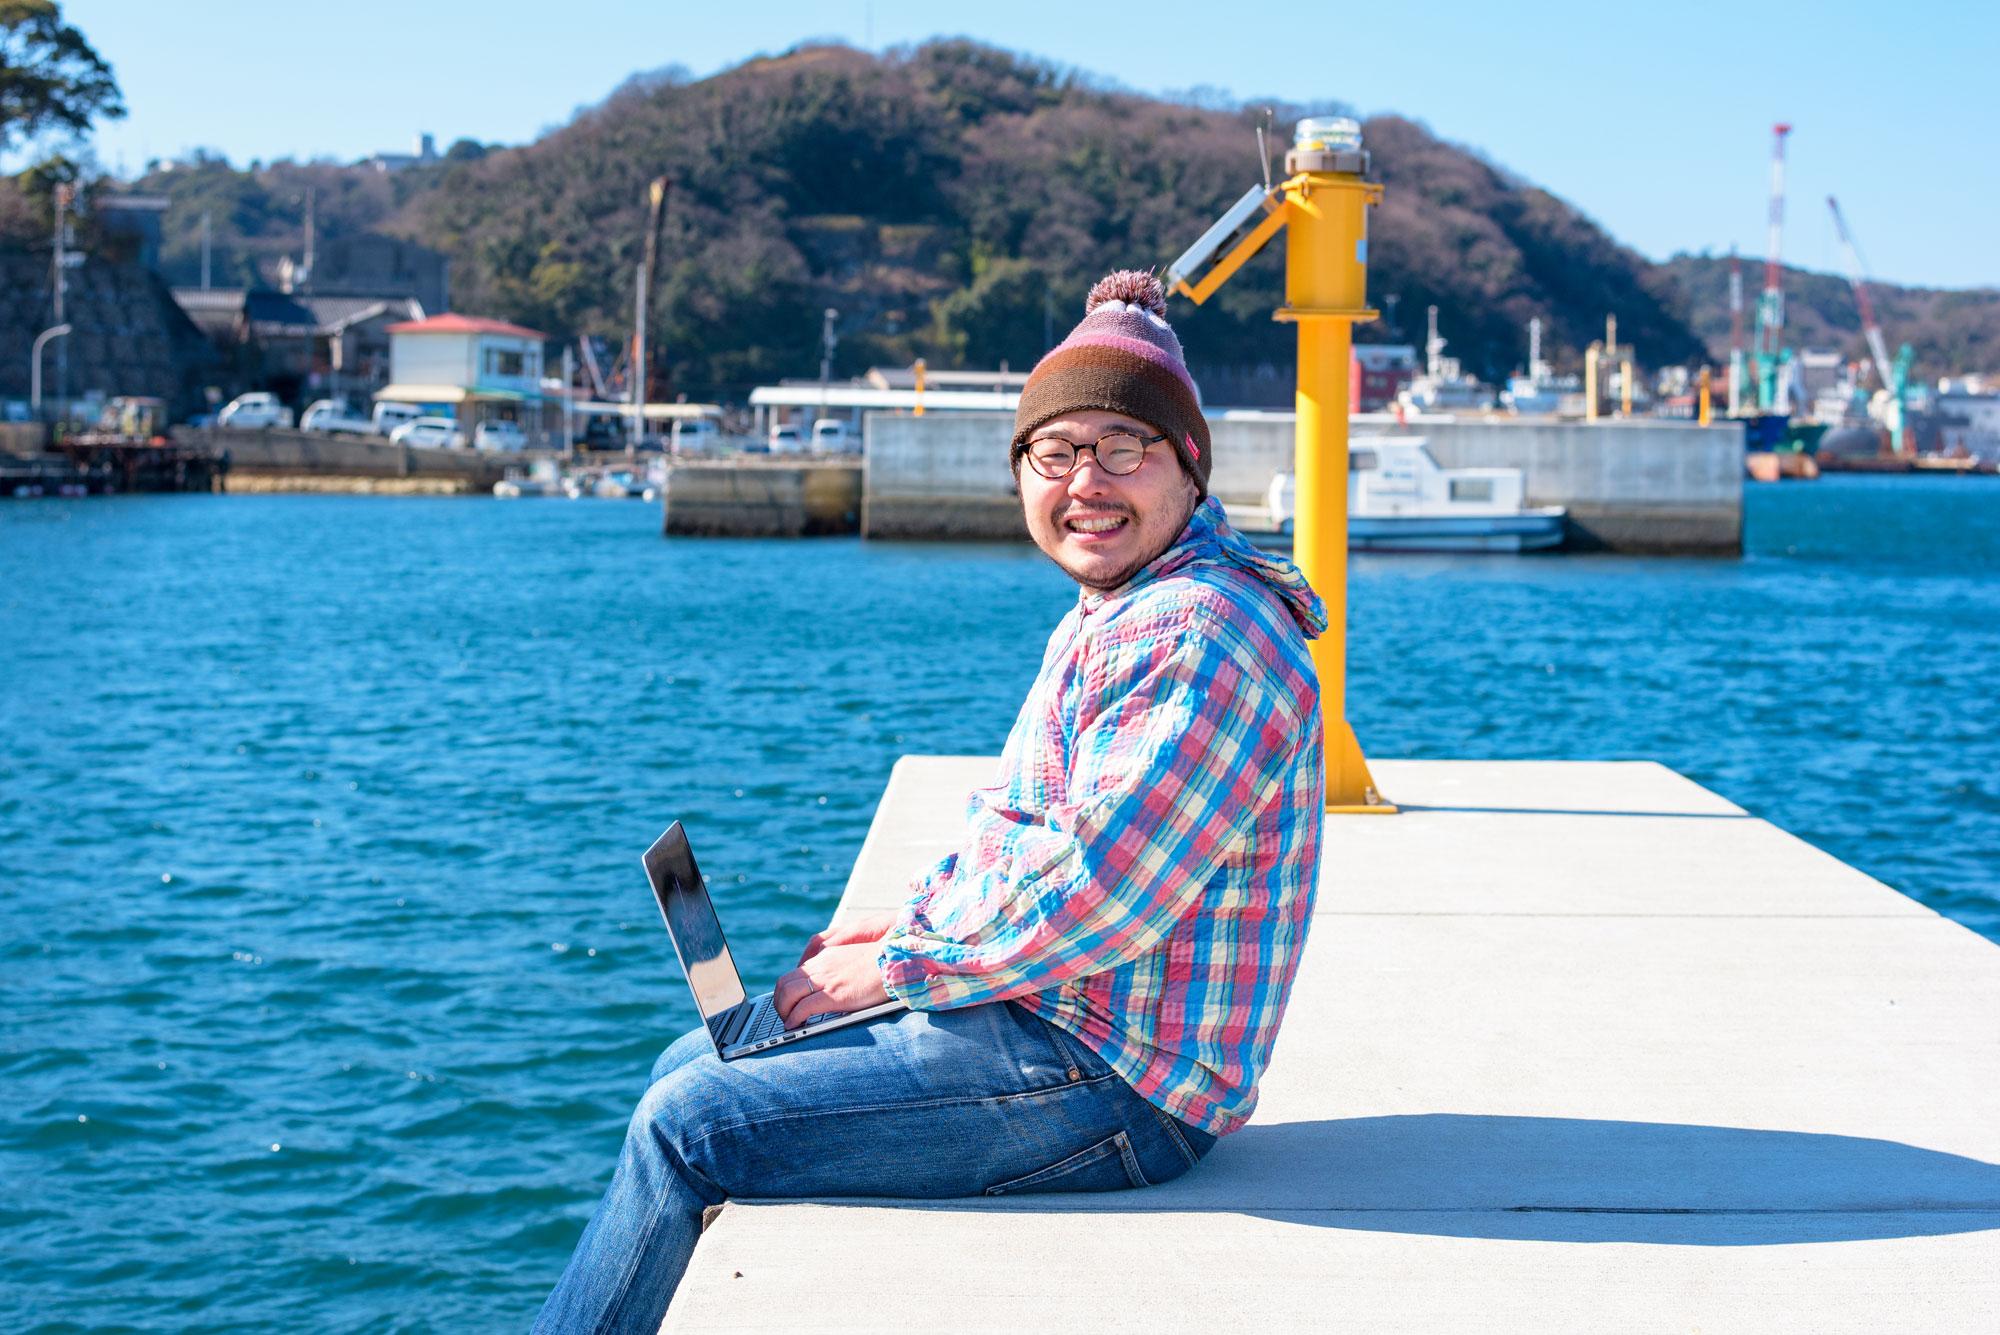 家島で、観光客の遊びバーをつくる!週末島活のお誘いin姫路